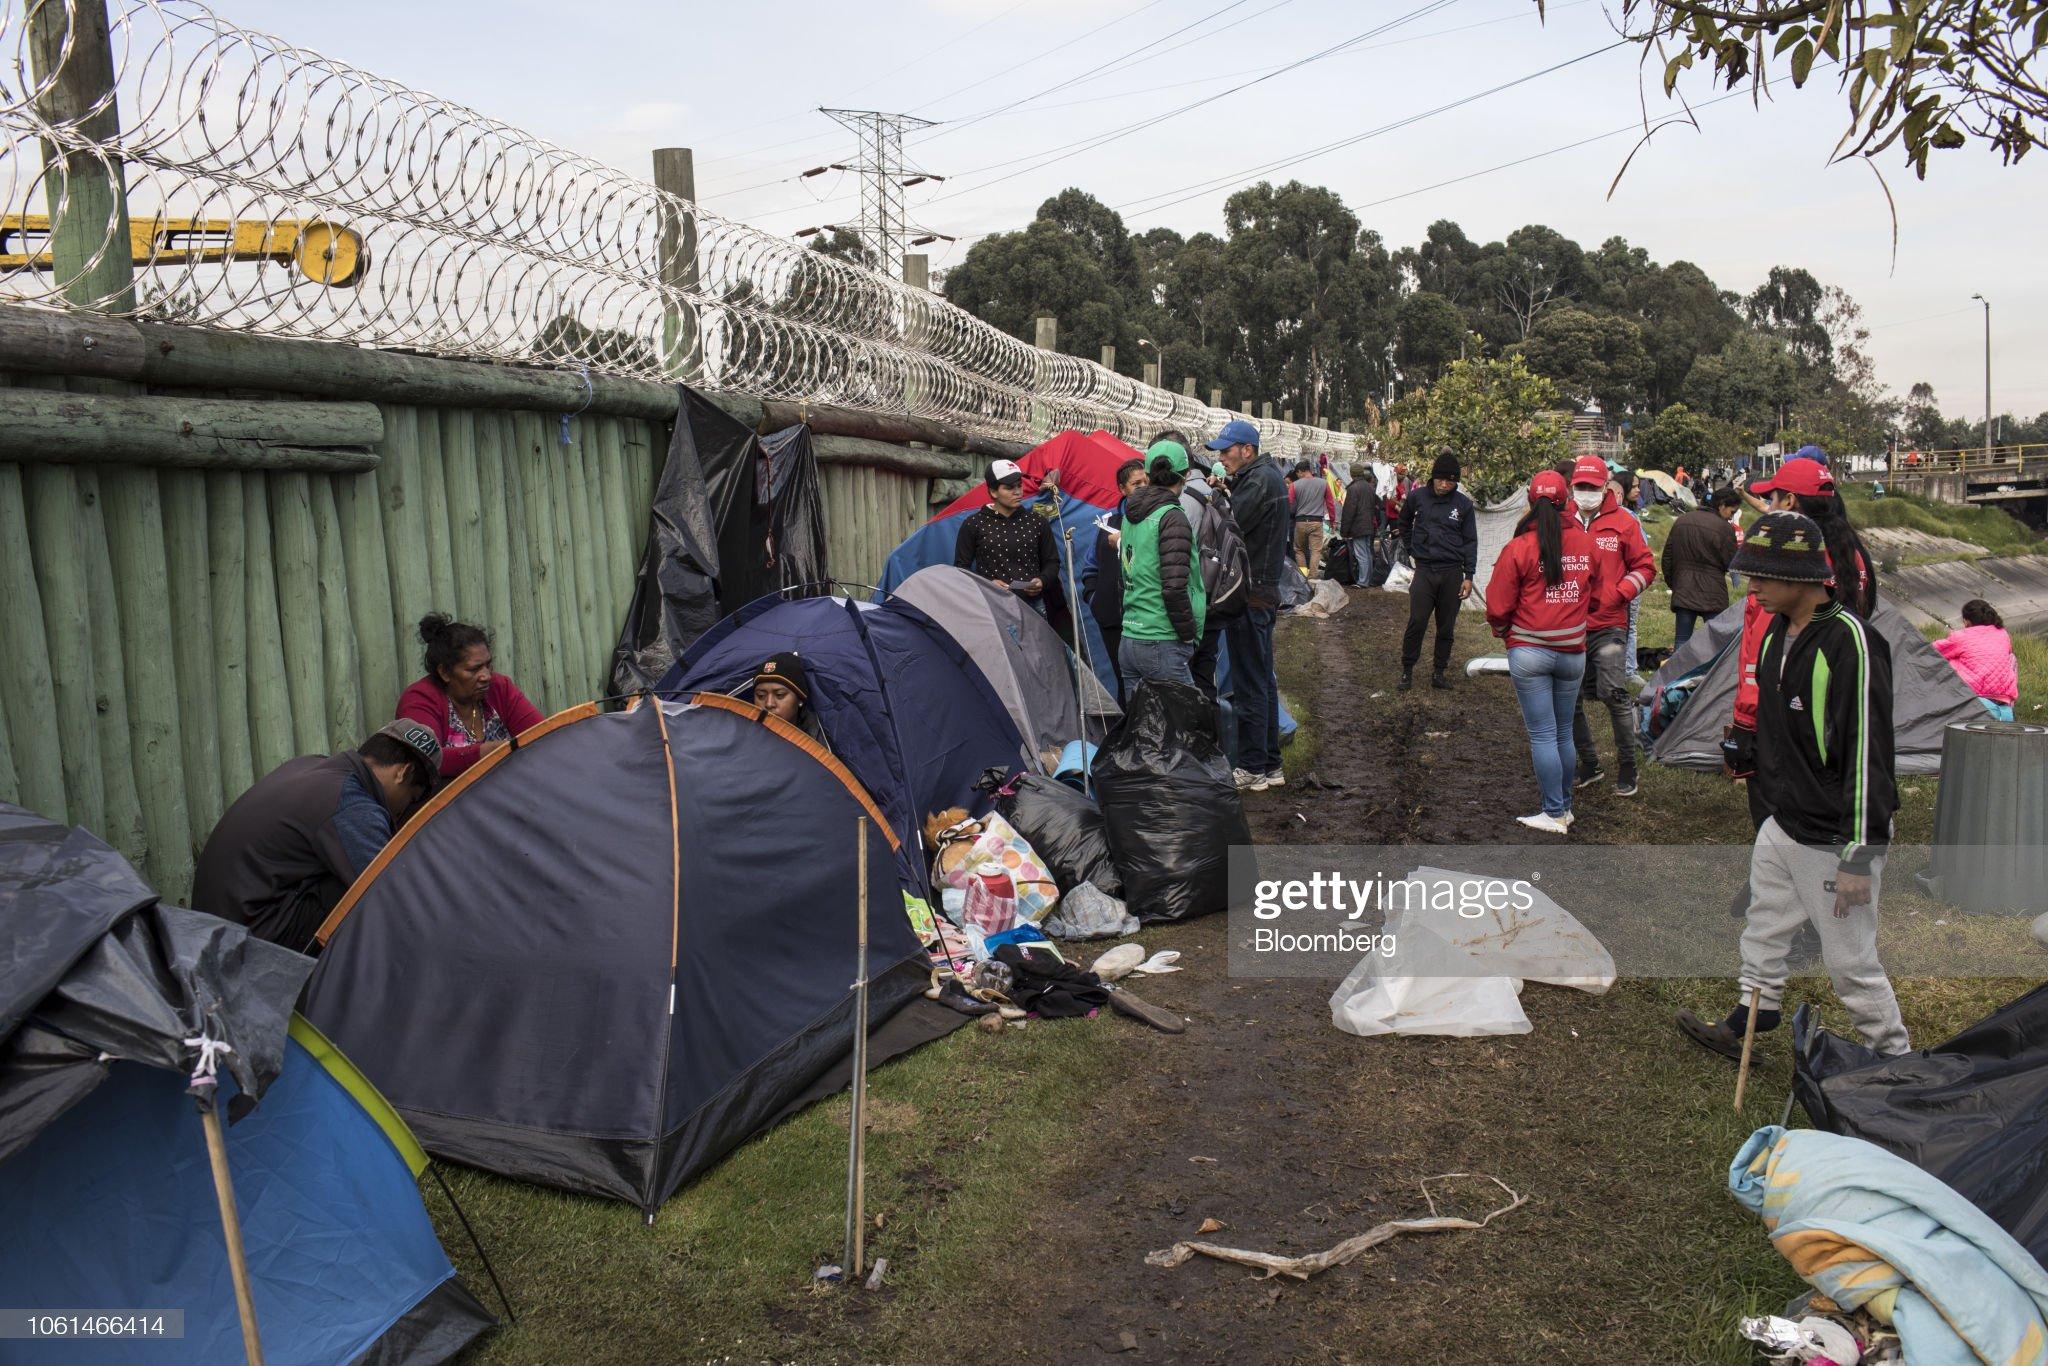 Colombia Sets Up Shelter For Venezuelan Migrants Amid Mass Exodus : Fotografía de noticias